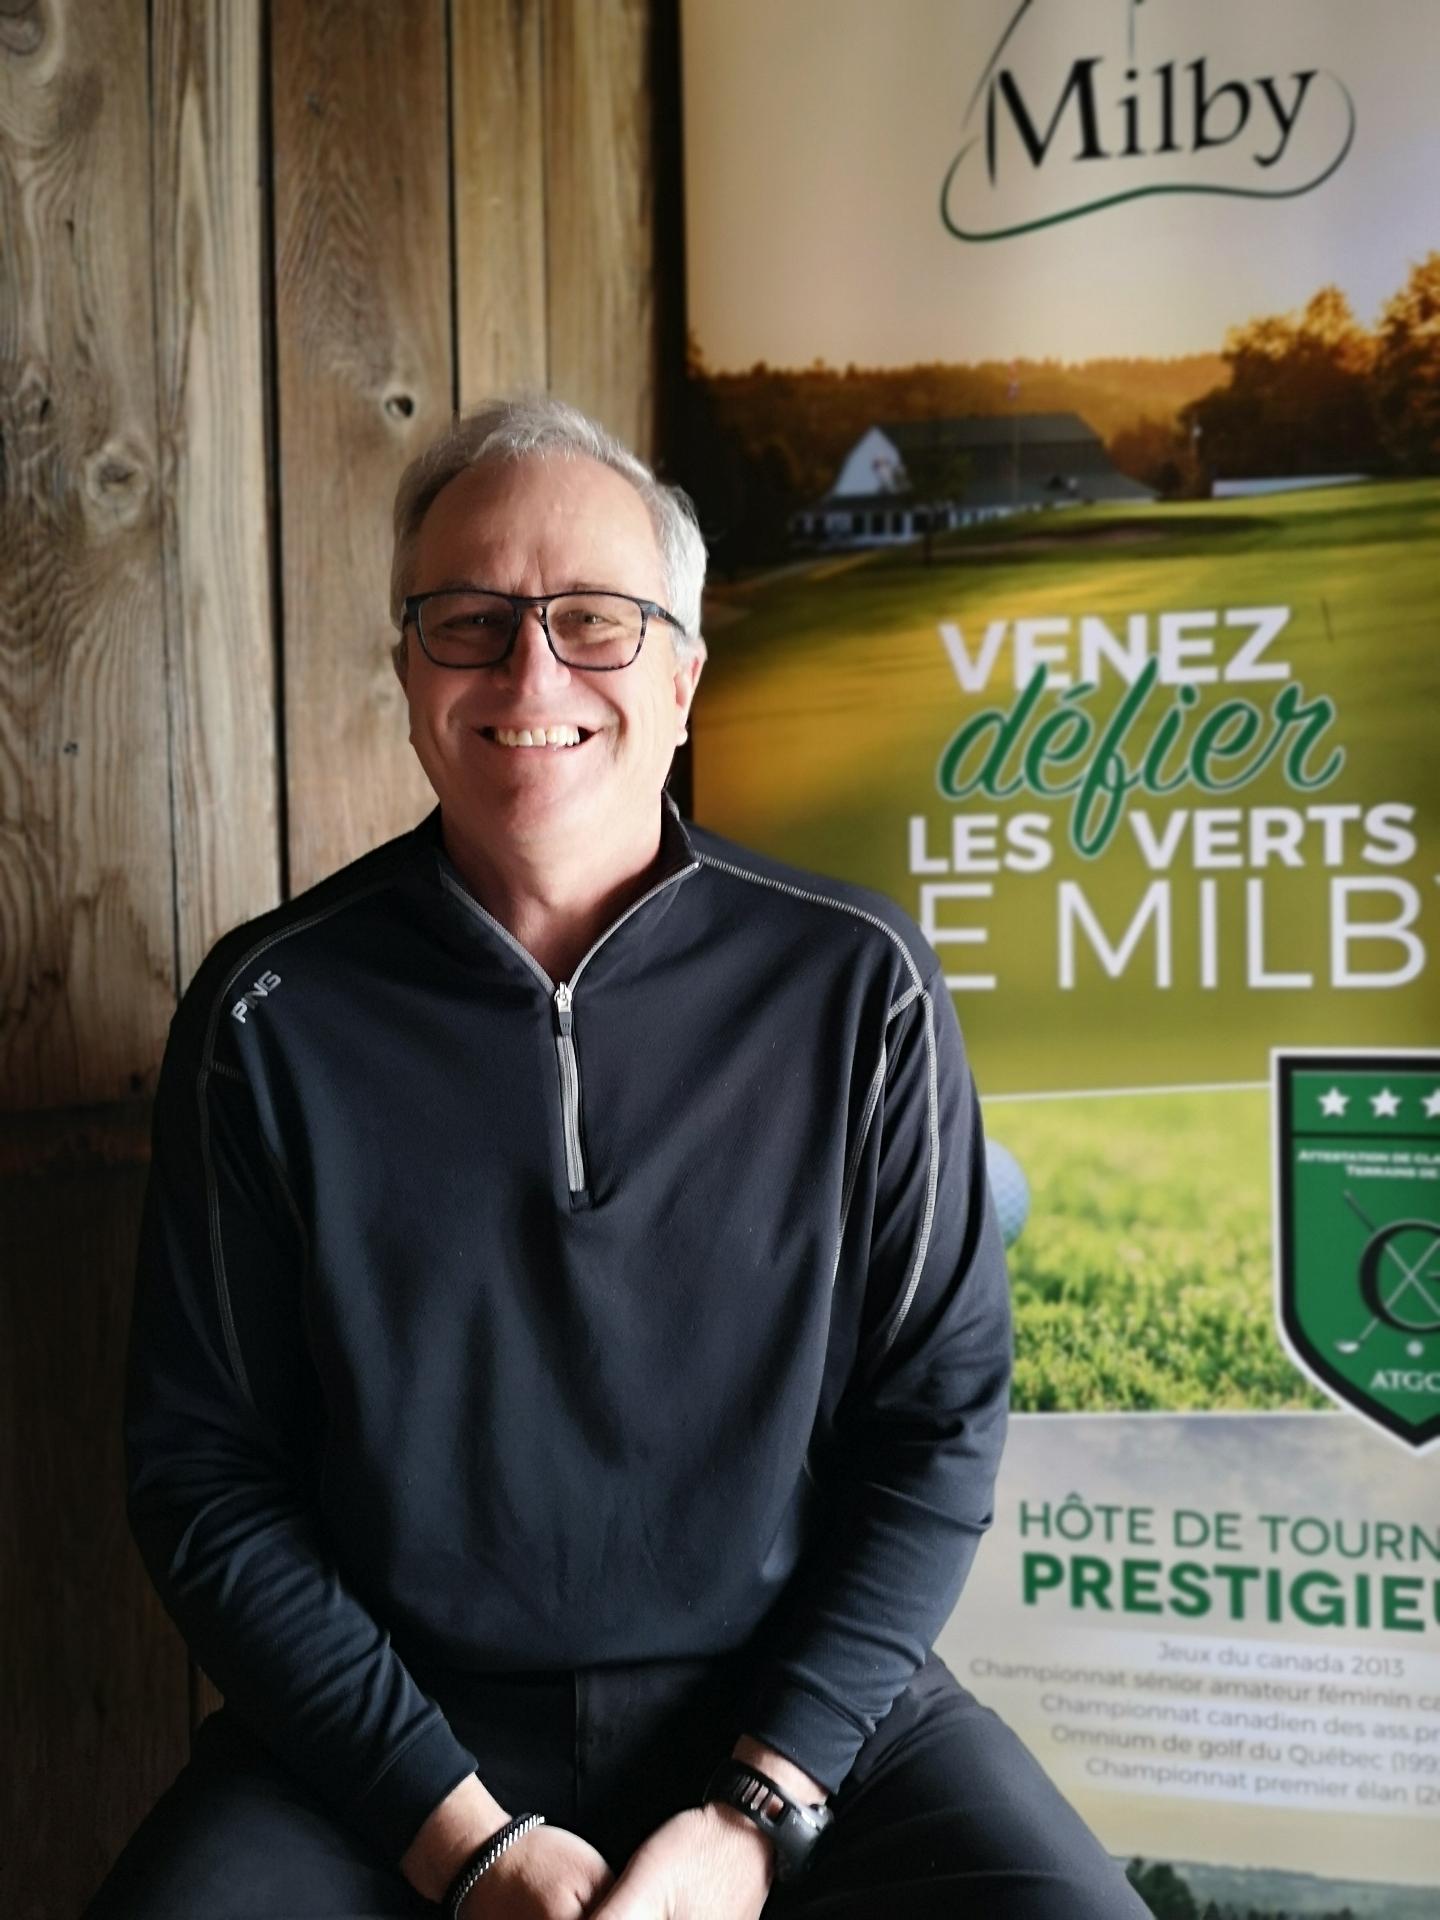 Le Boutique du Pro Guy Faucher - Golf Milby